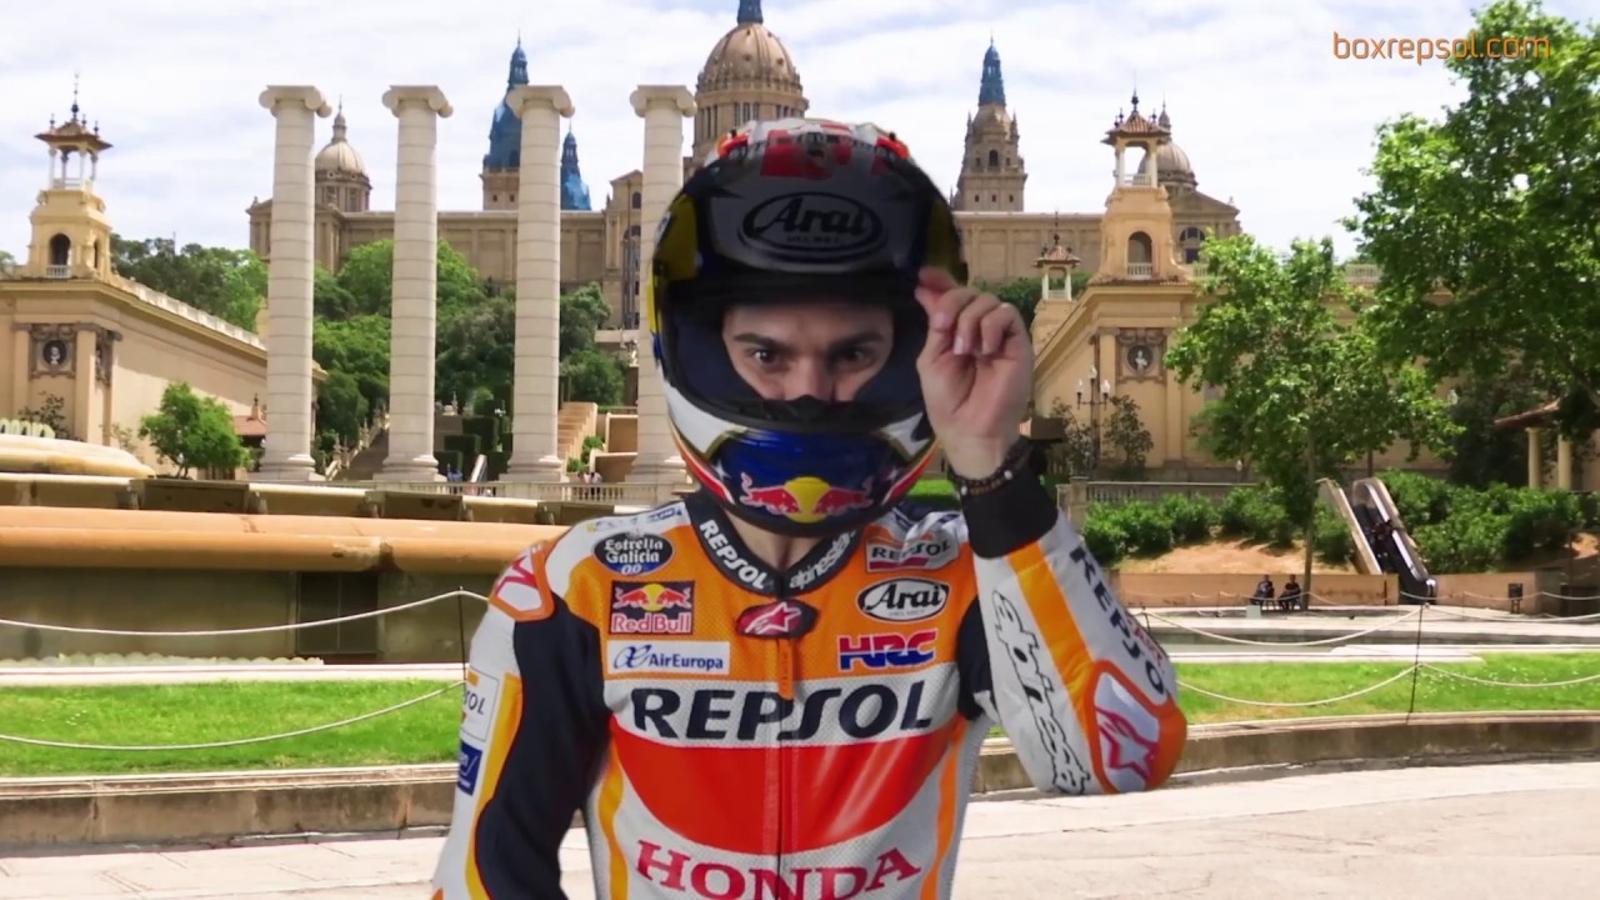 Marc Márquez i Dani Pedrosa passegen per Barcelona per promocionar el Gran Premi de Catalunya